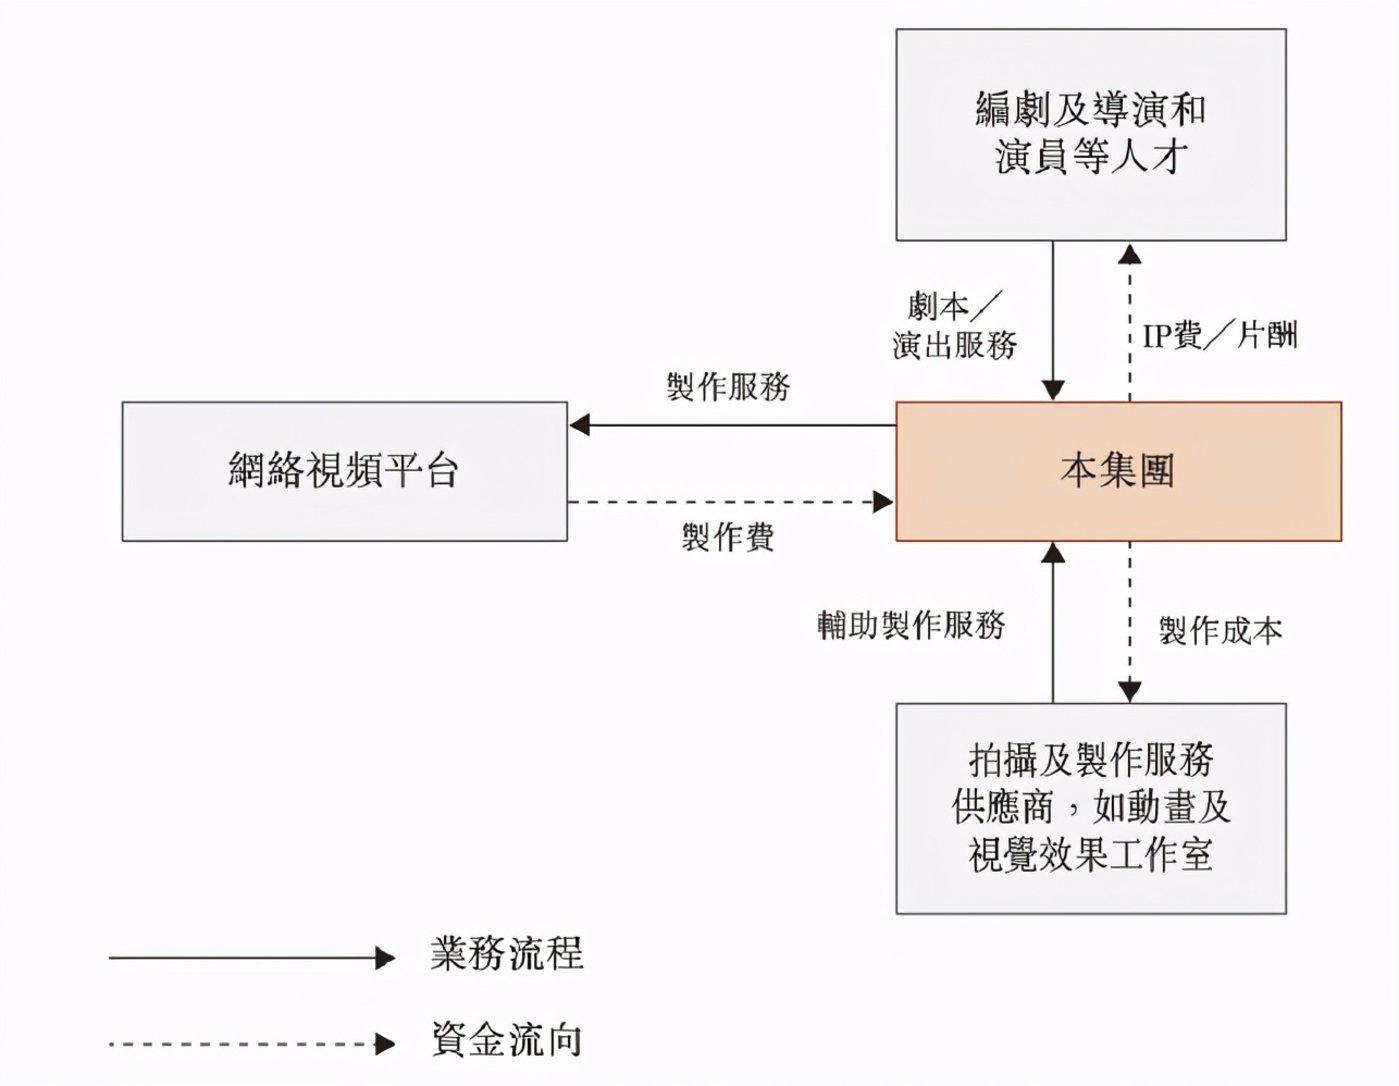 稻草熊定制剧集承制业务的业务模式